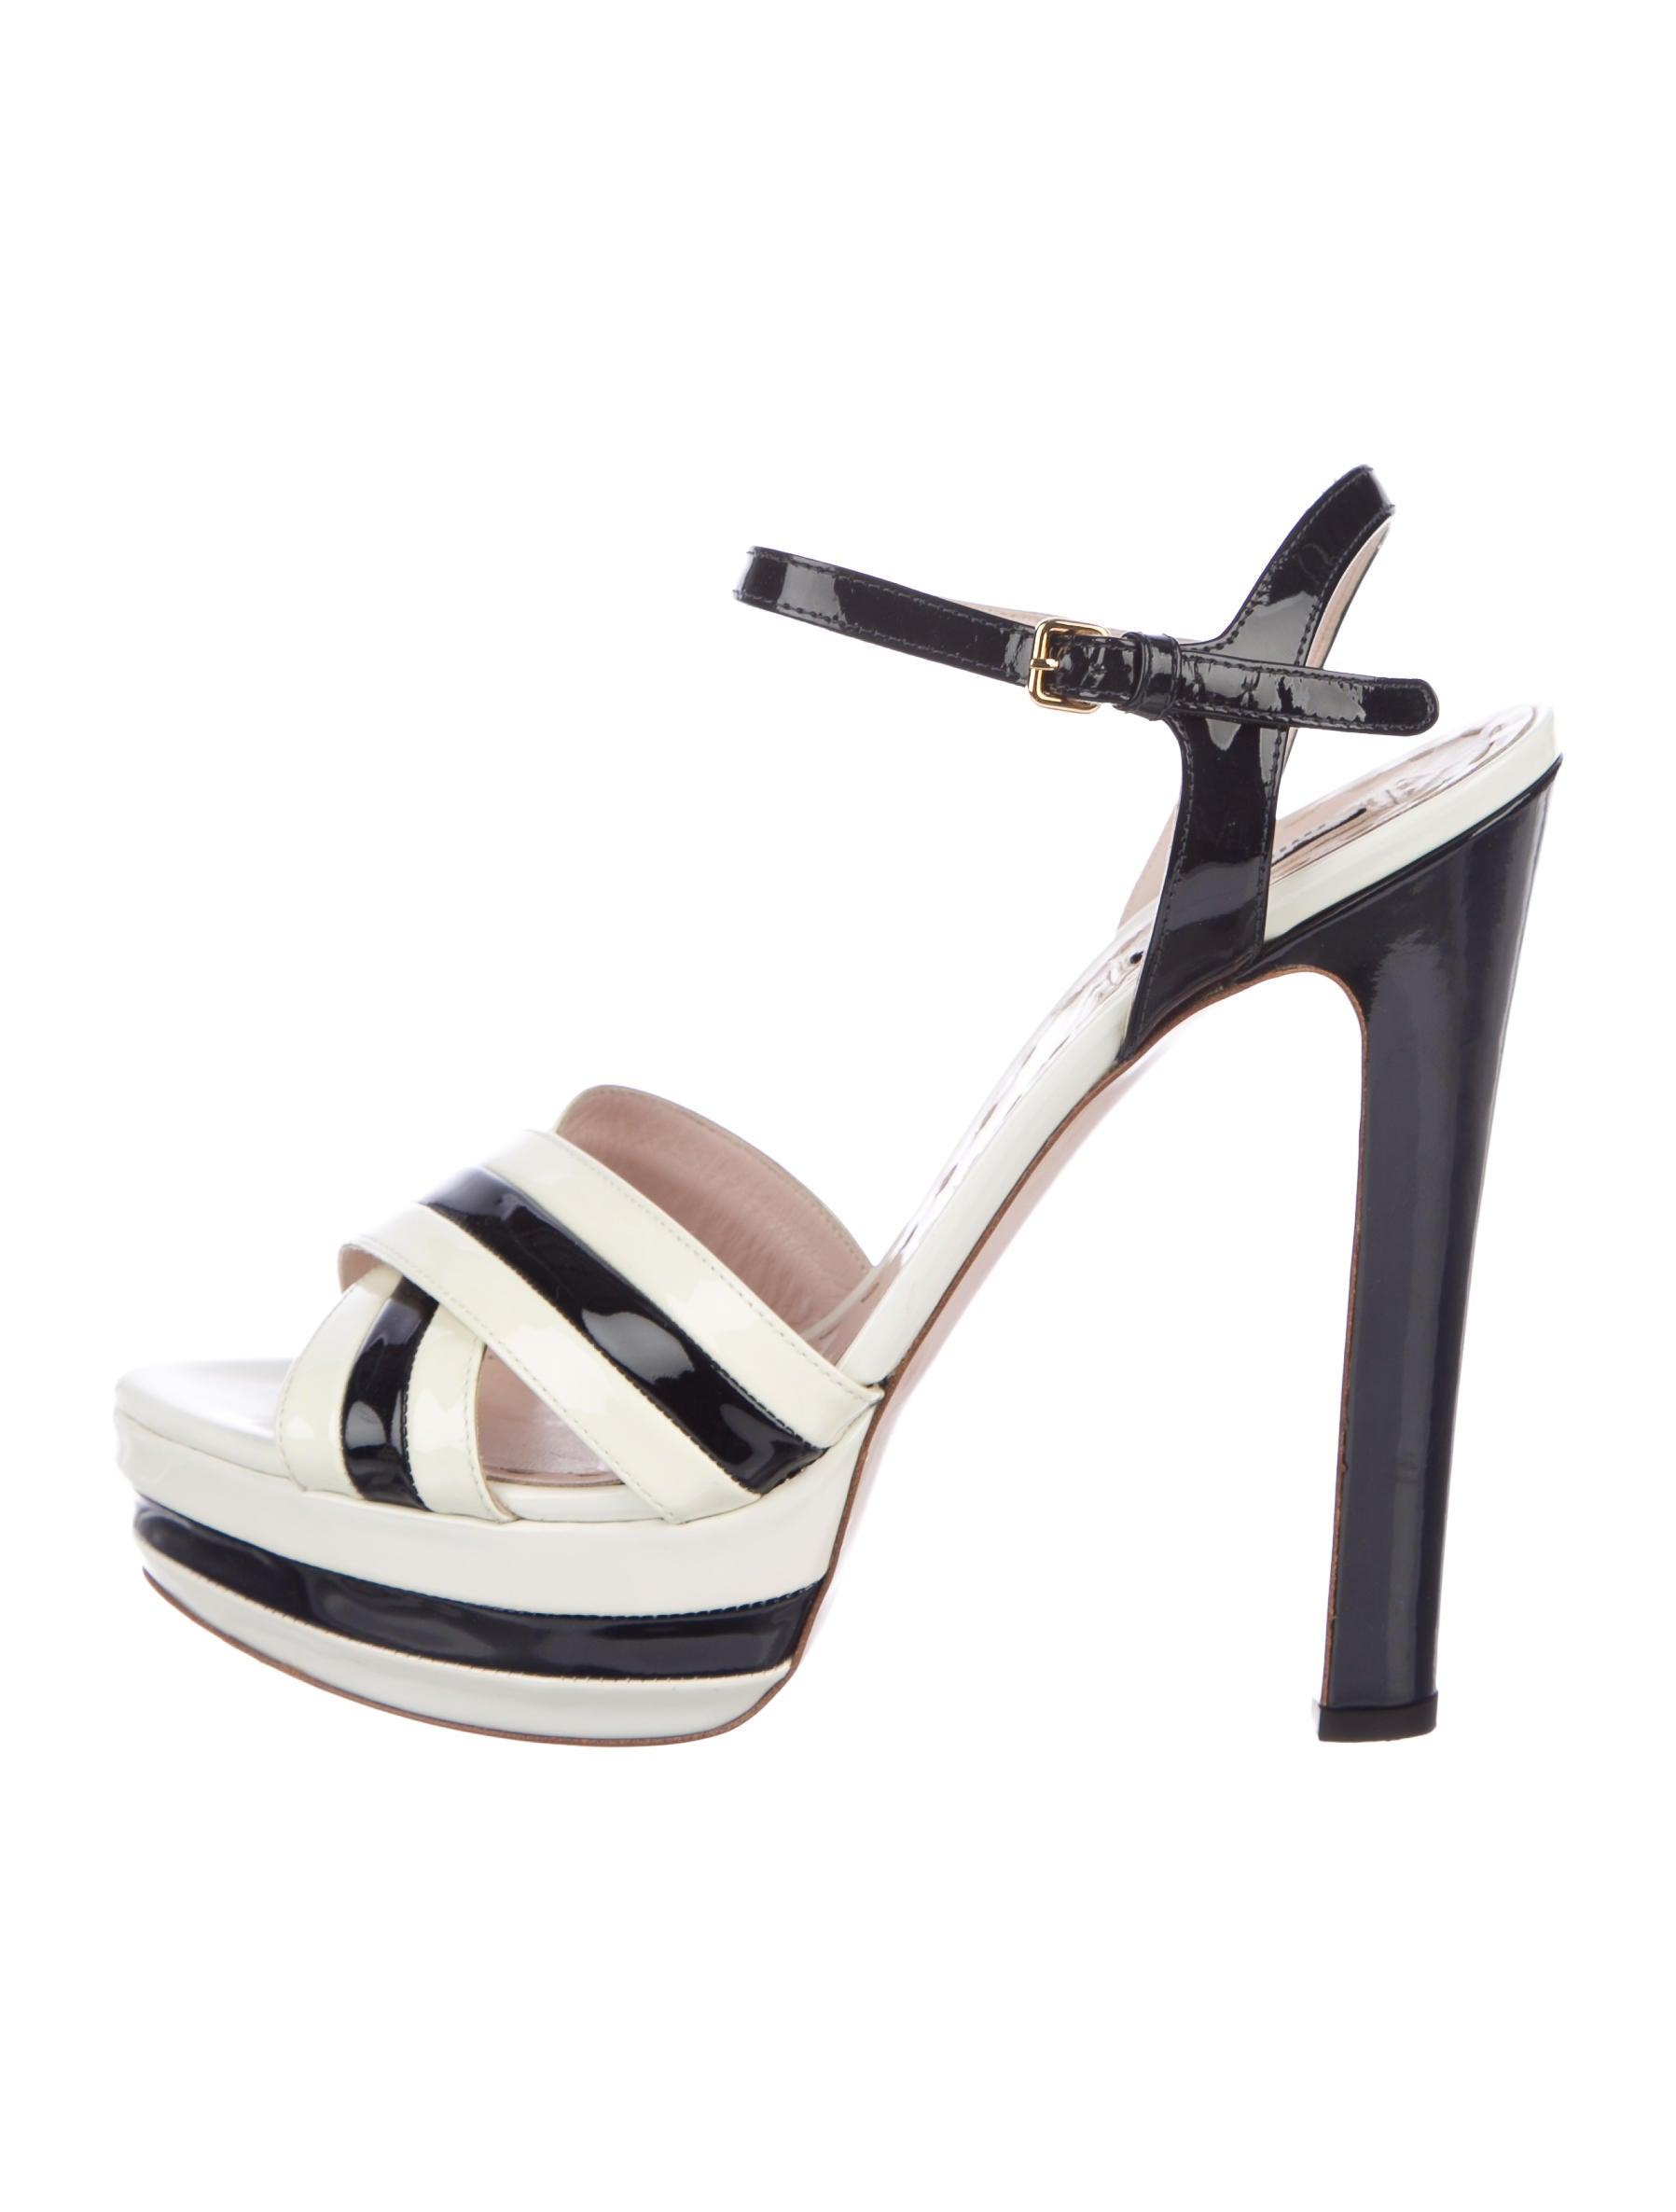 ba41598de5a Miu Miu Crossover Platform Sandals - Shoes - MIU58935